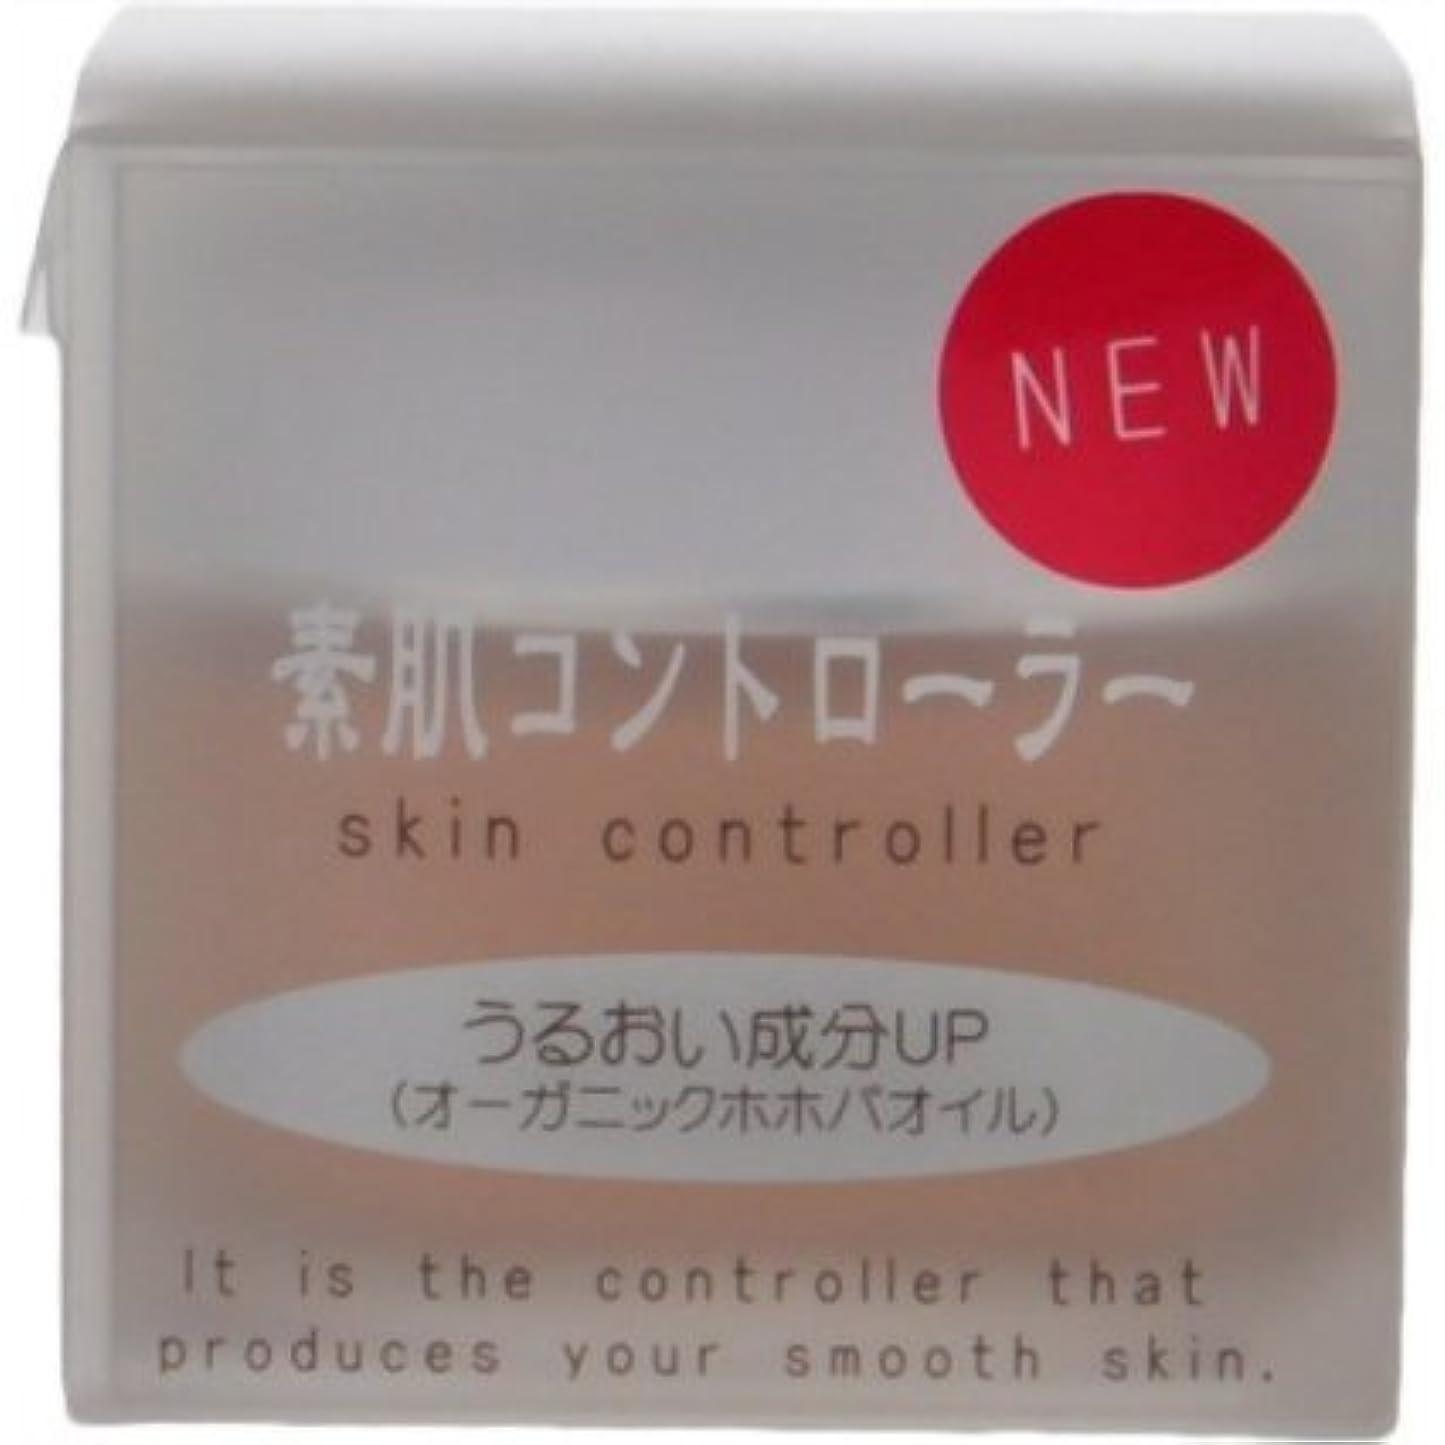 添加剤レシピ迫害素肌シリーズ 素肌コントローラー(さっぱりタイプ) 40g 2個組